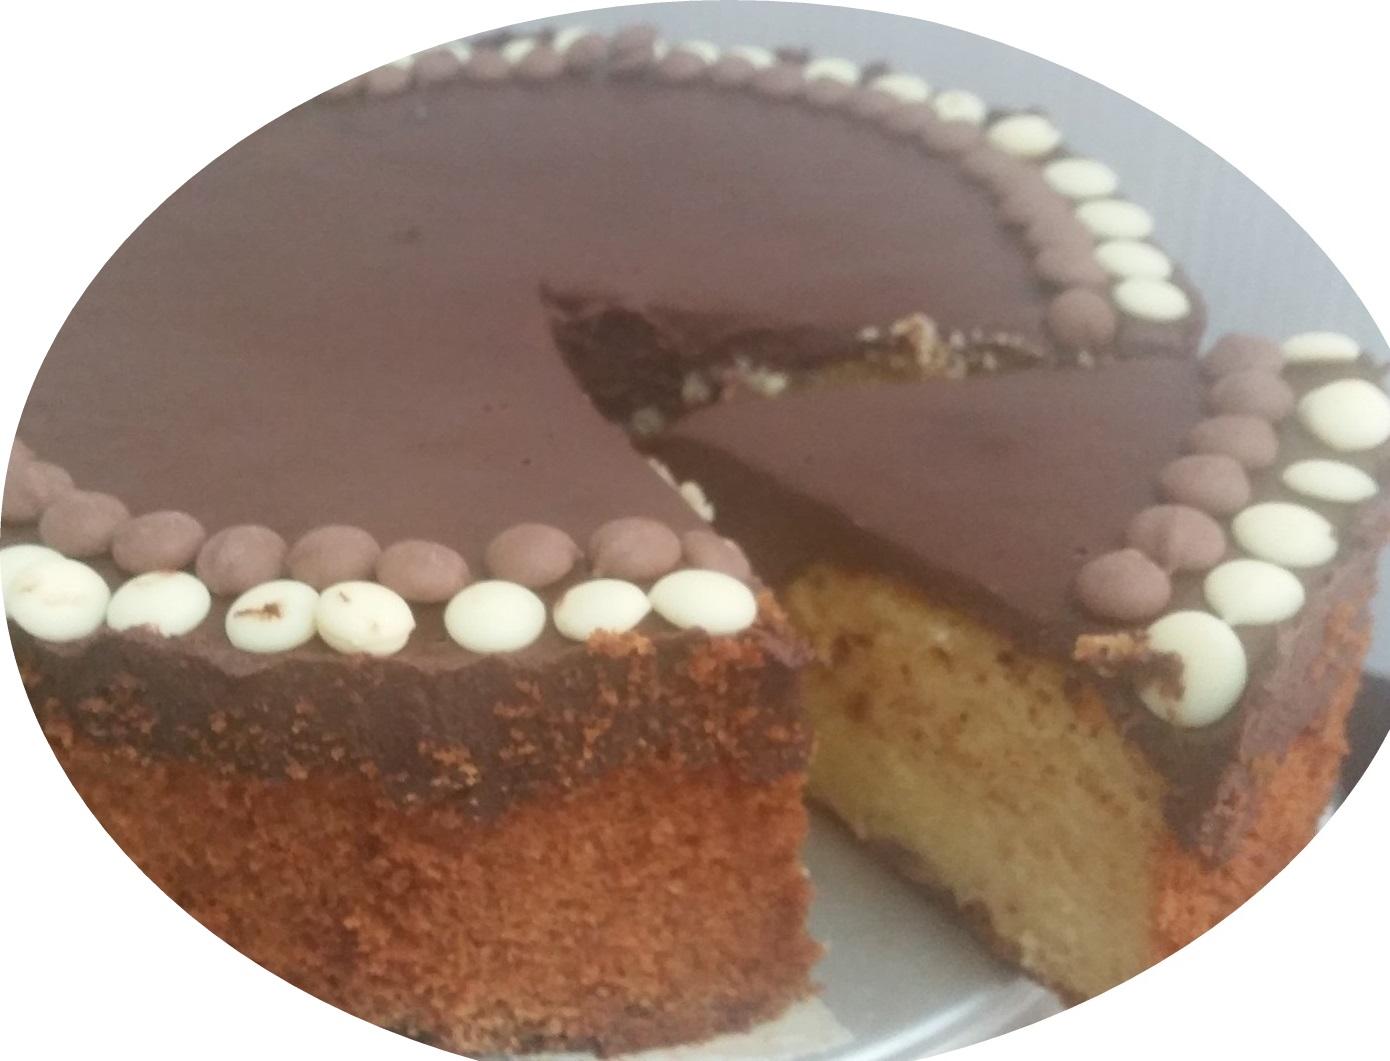 עוגת קלמנטינה, שקדים ו2 סוגי שוקולד ציפס